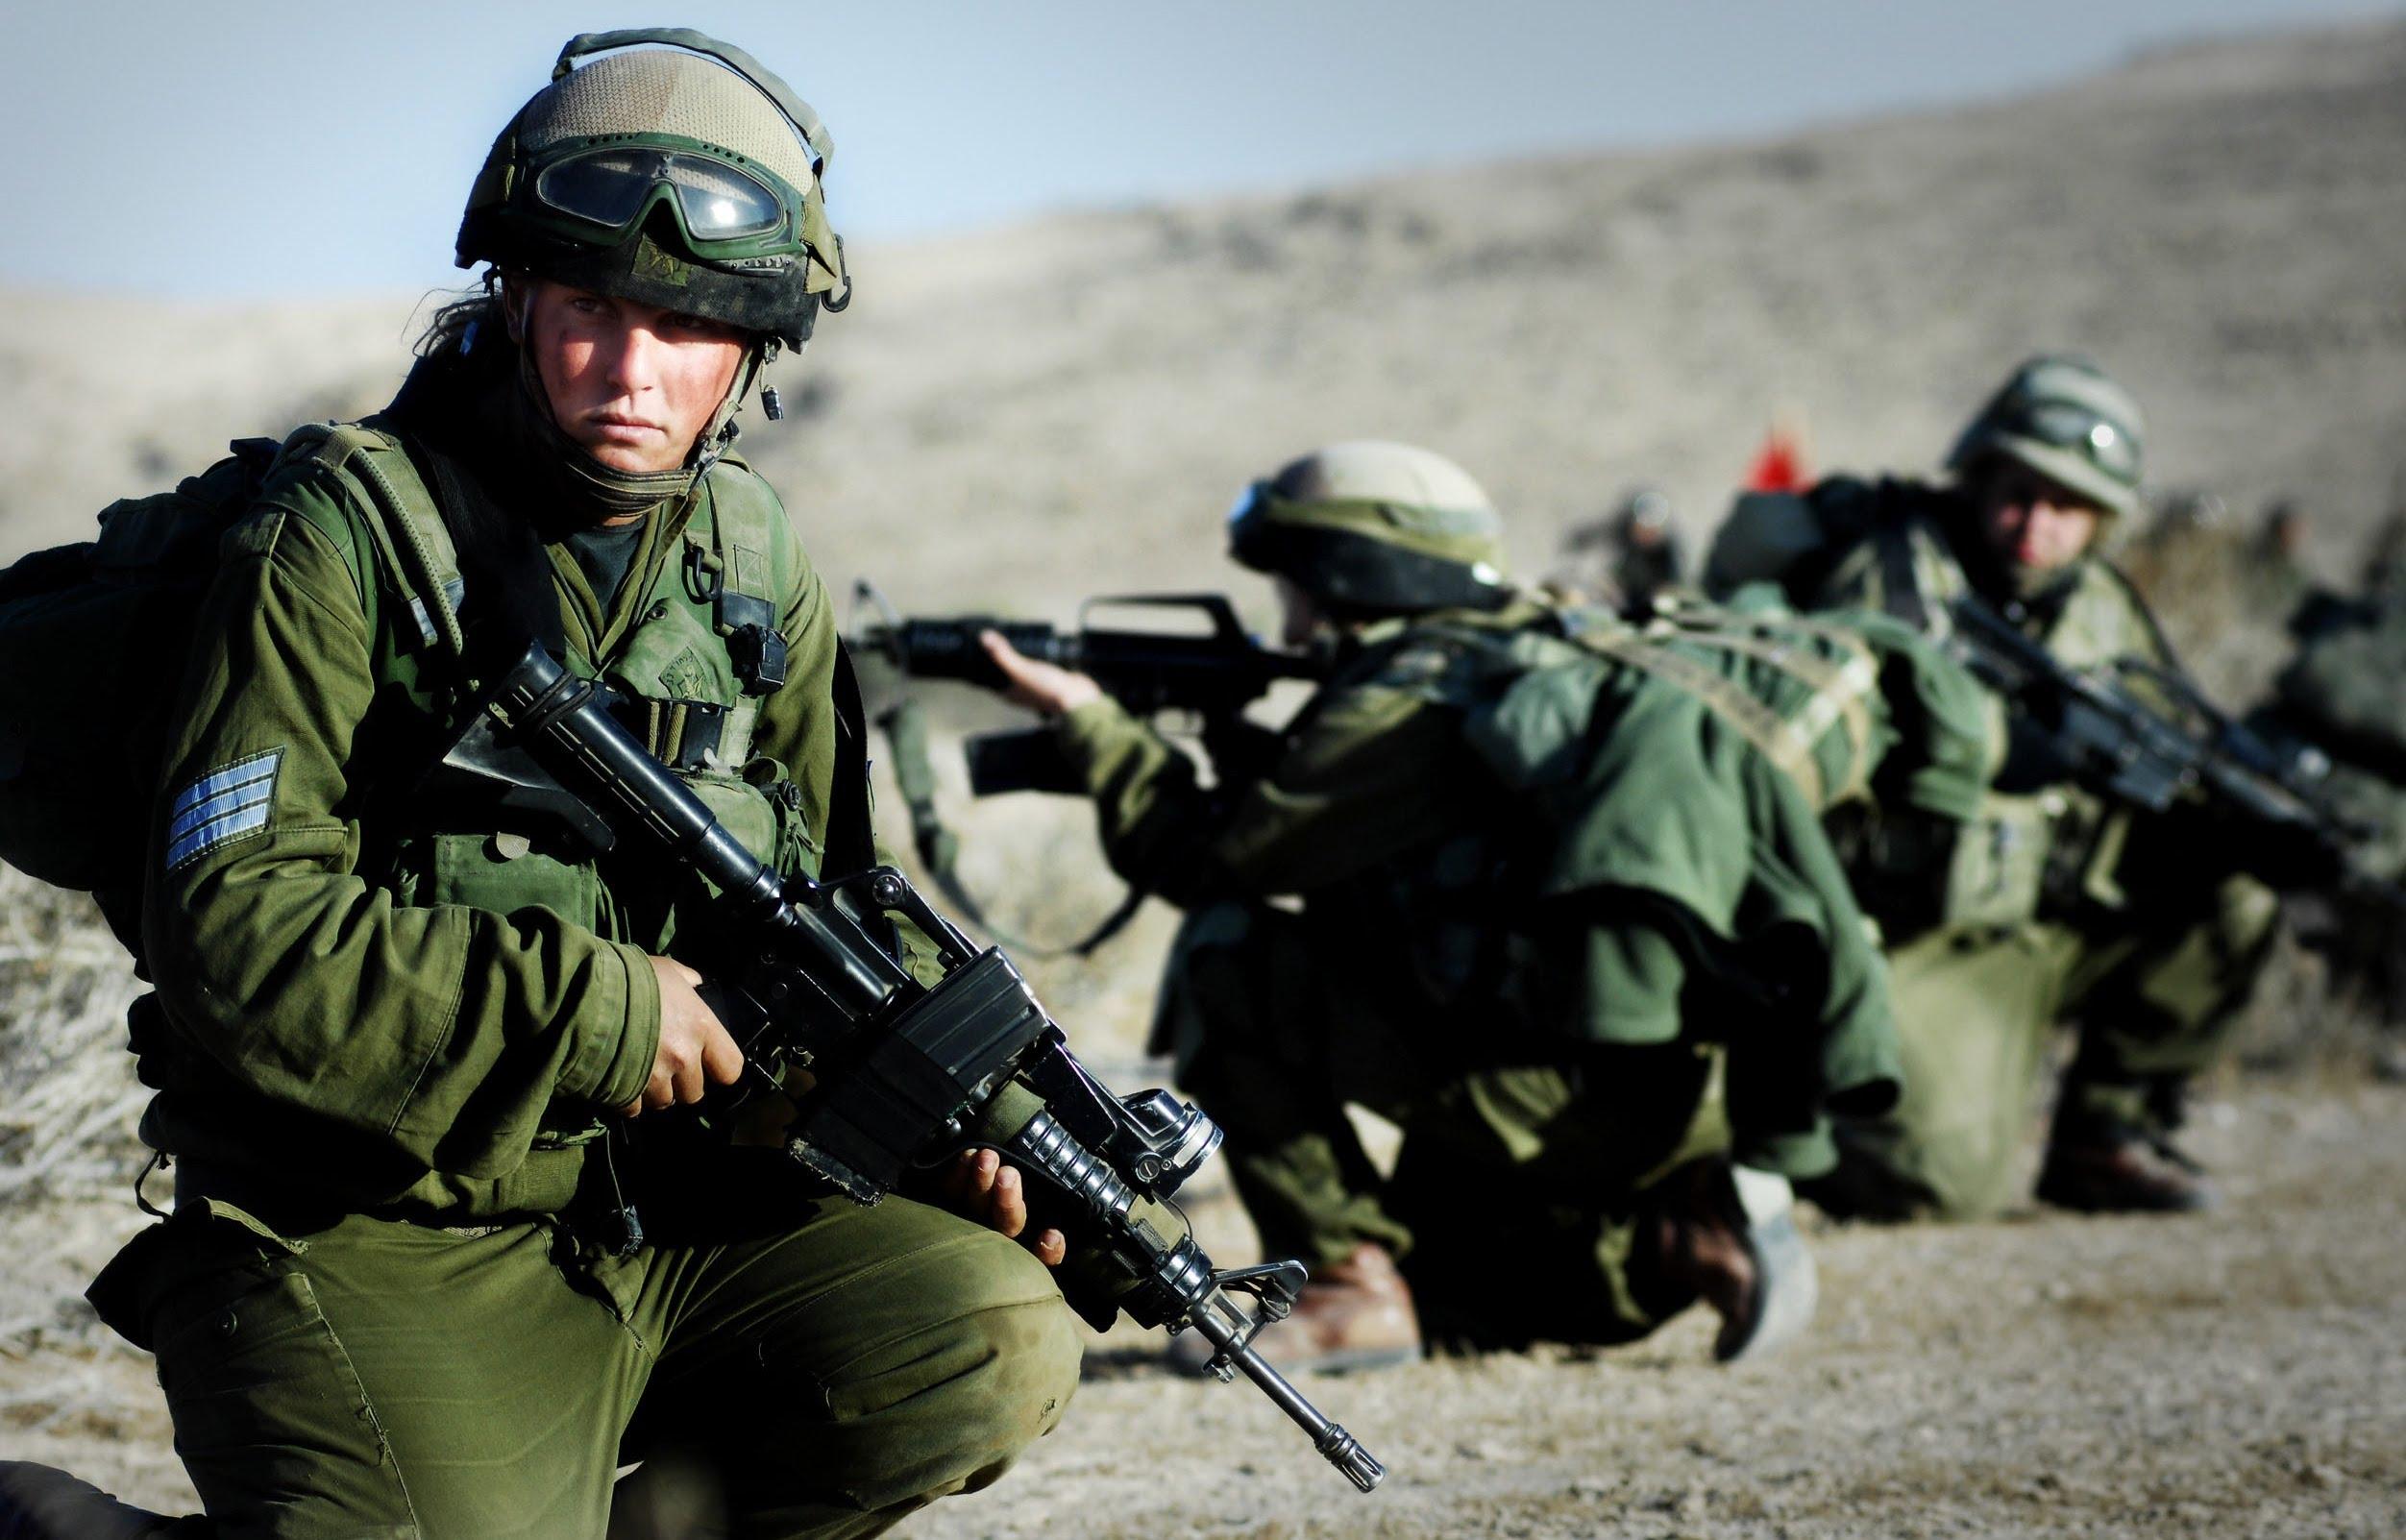 Конгресс США одобрил выделение Израилю на оборону $38 млрд в течение 10 лет